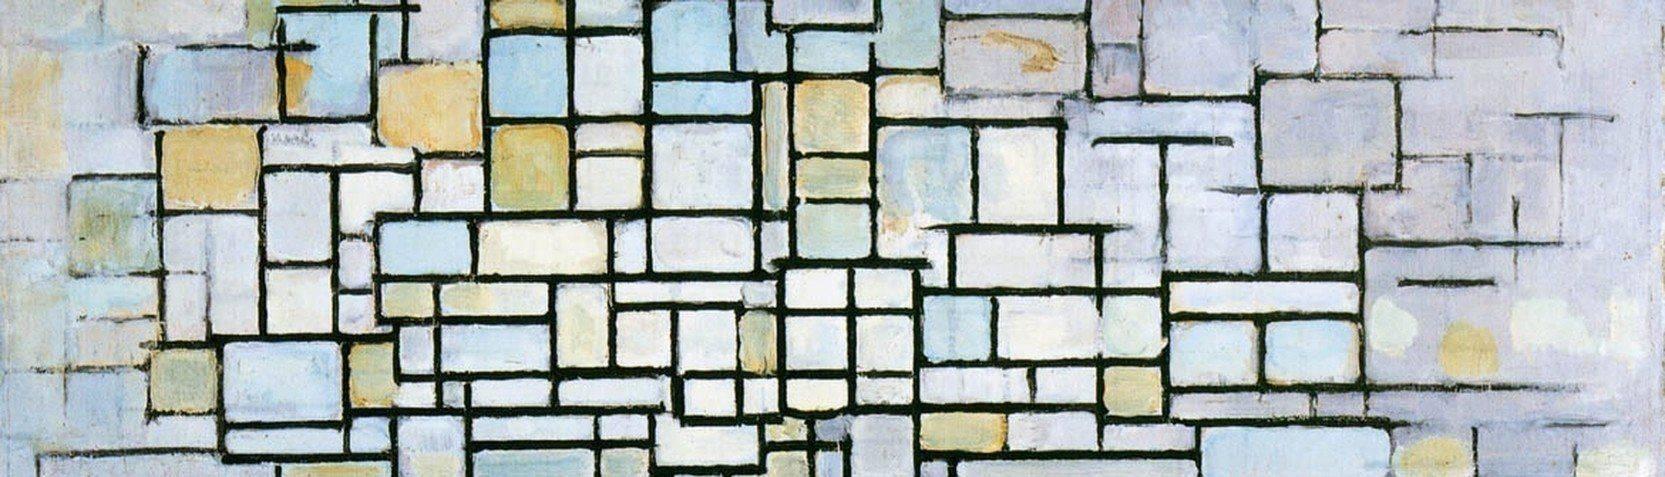 Artyści - Piet Mondrian